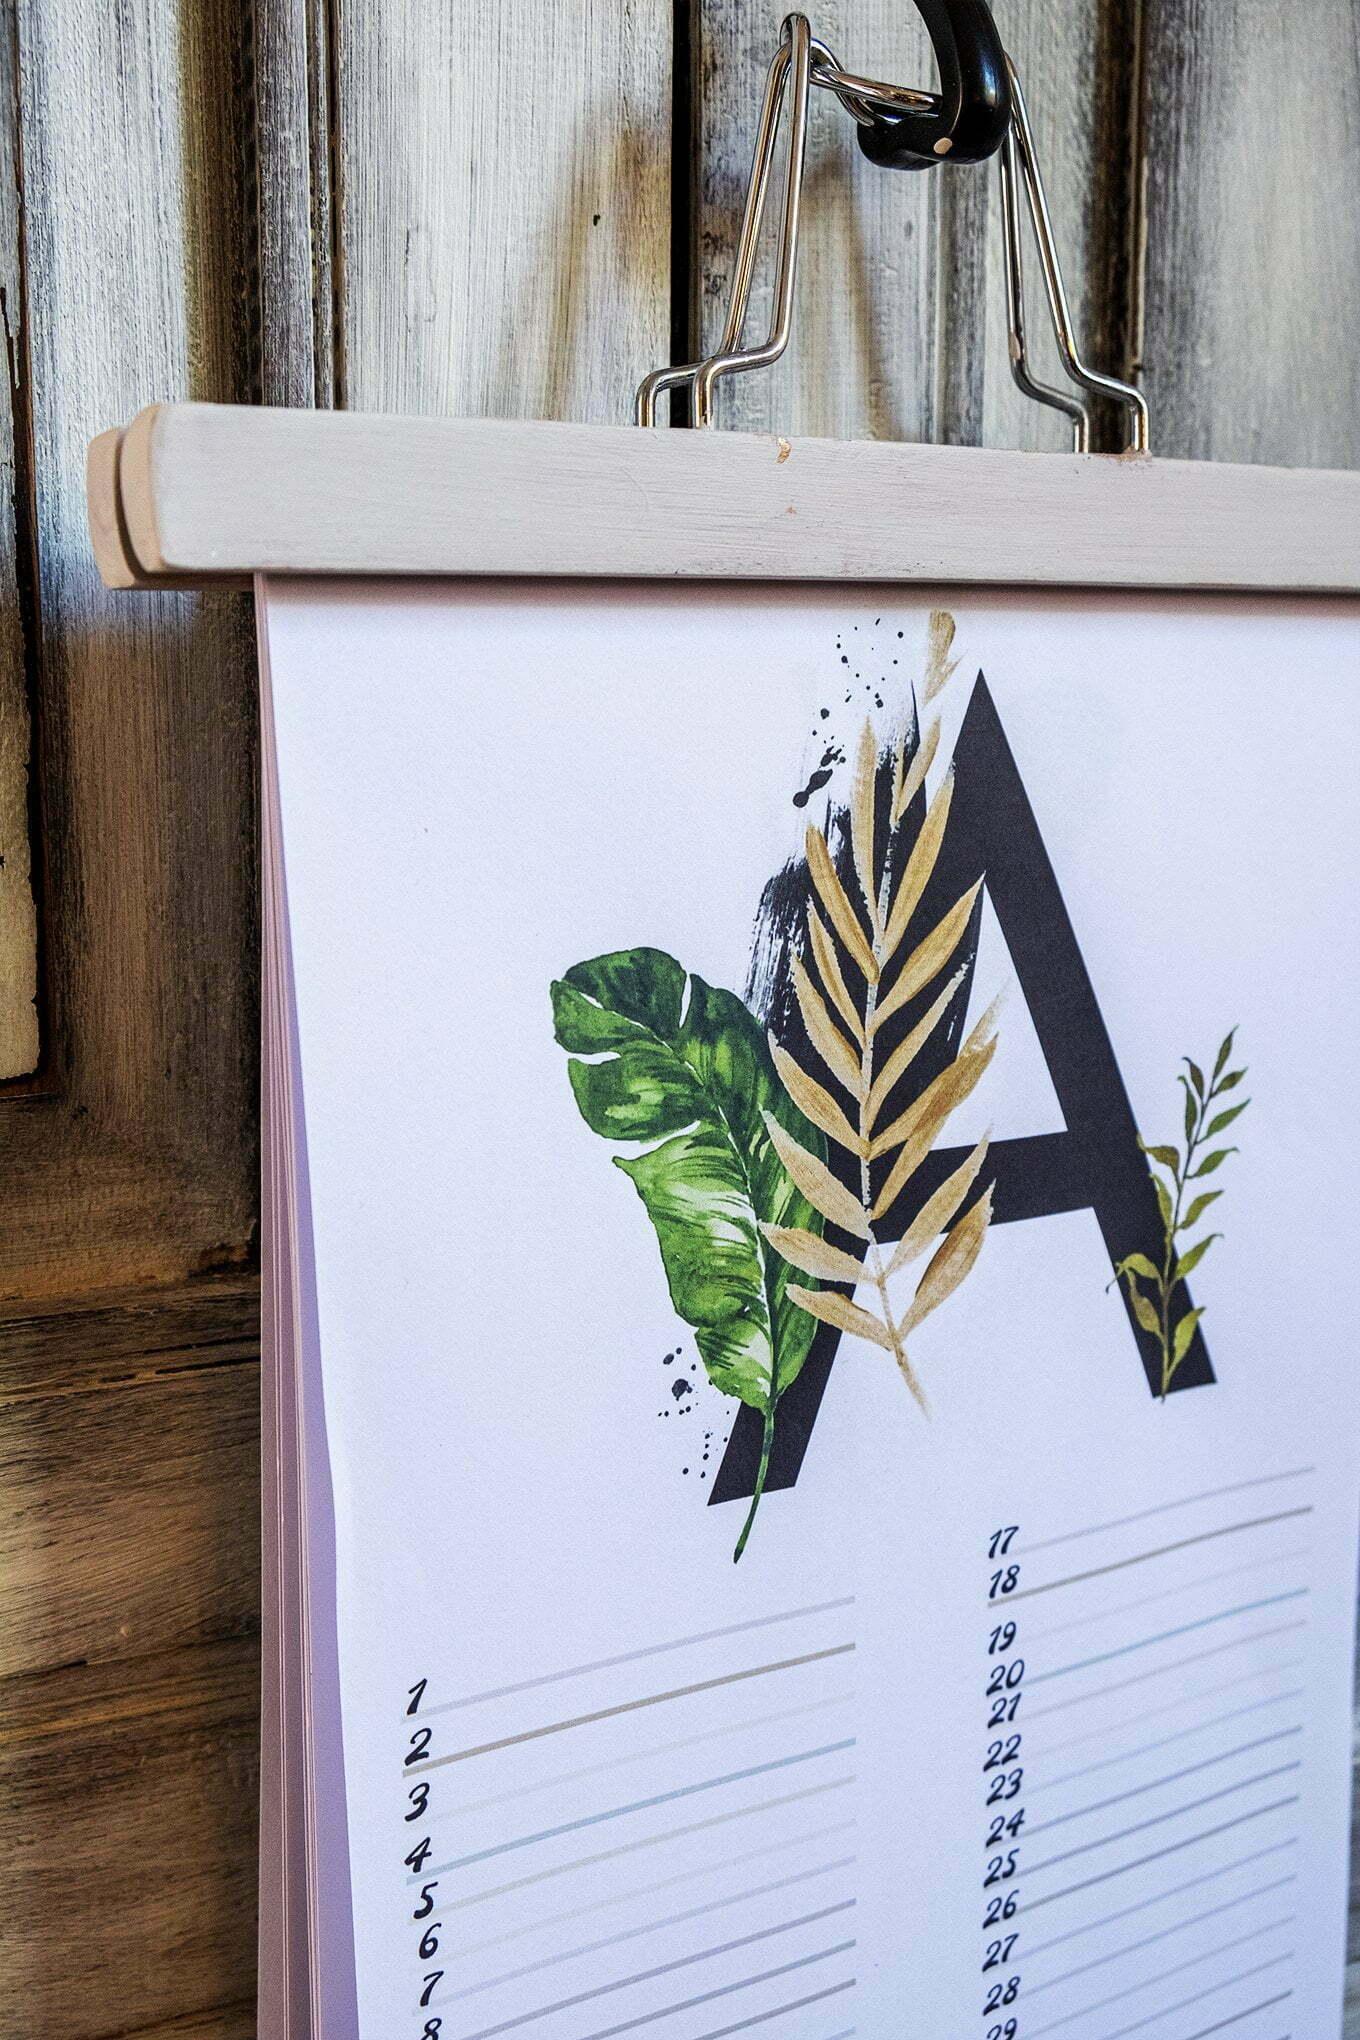 Gratis verjaardagskalender alfabet van Augustus